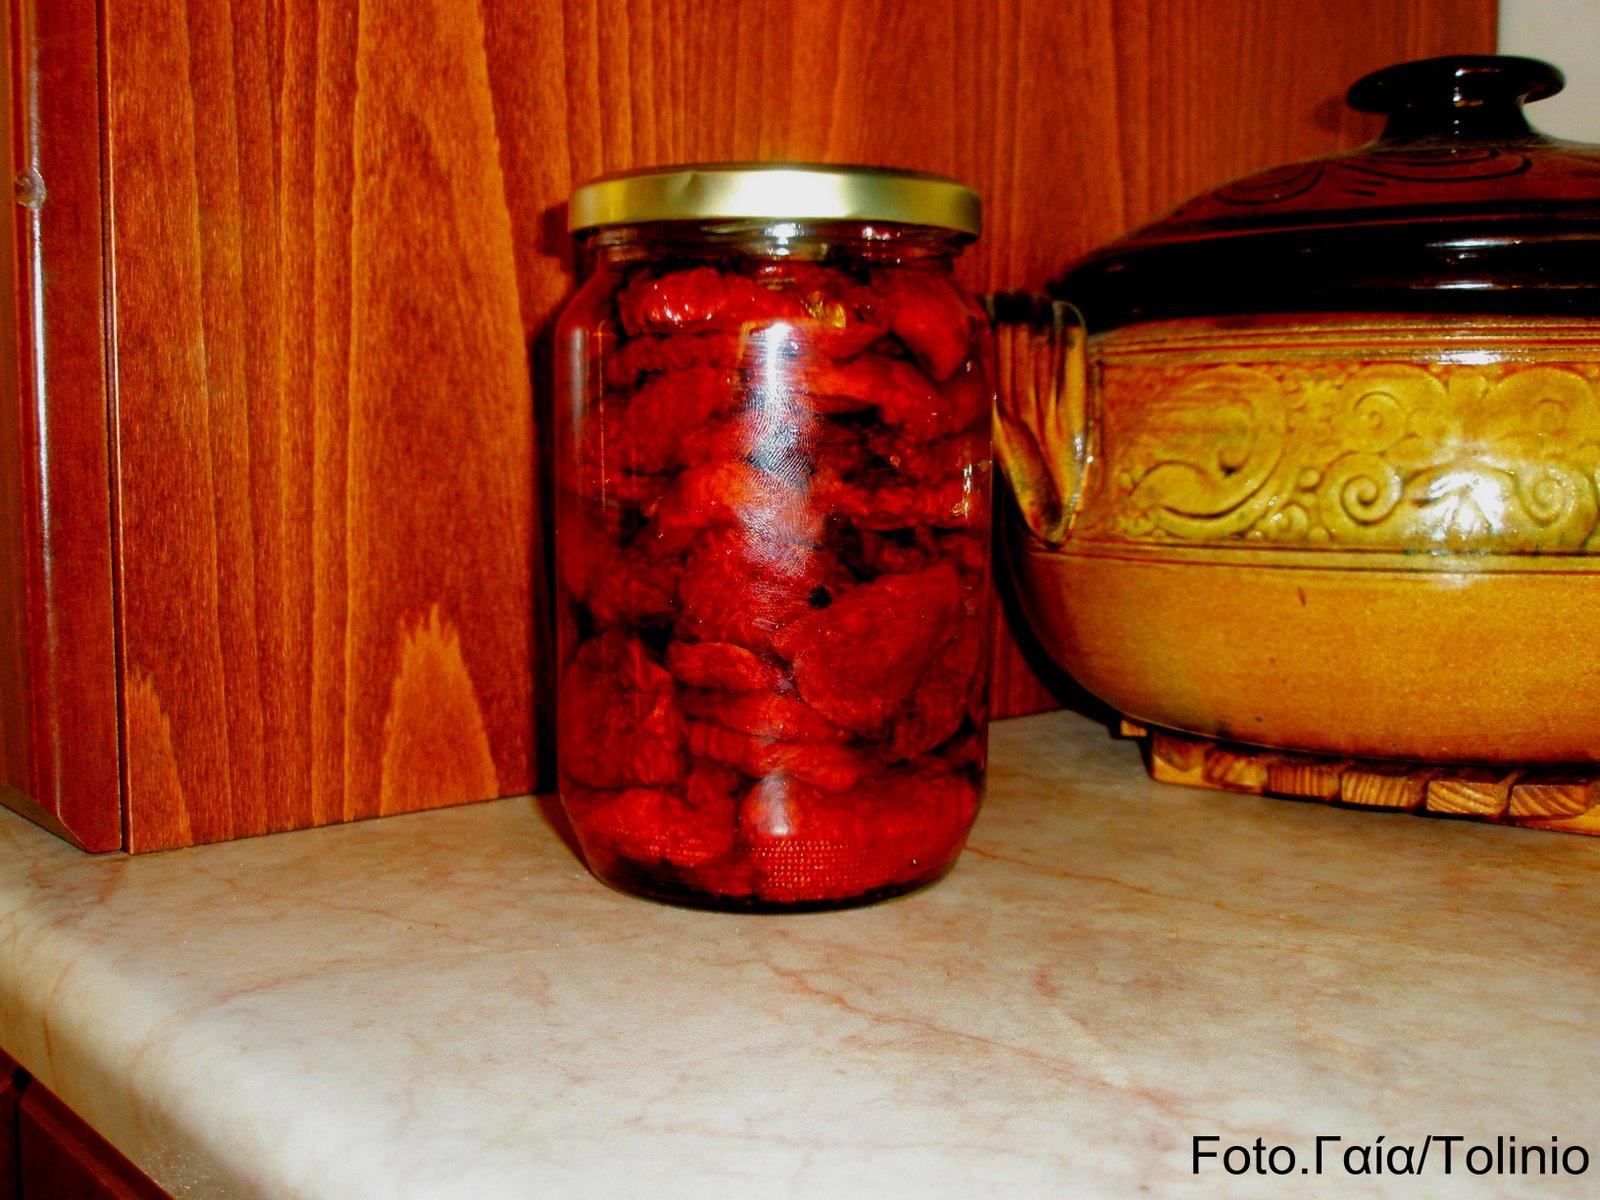 Πως να κάνετε Ντοματάκια Λιαστά - How to make sun dried tomatoes